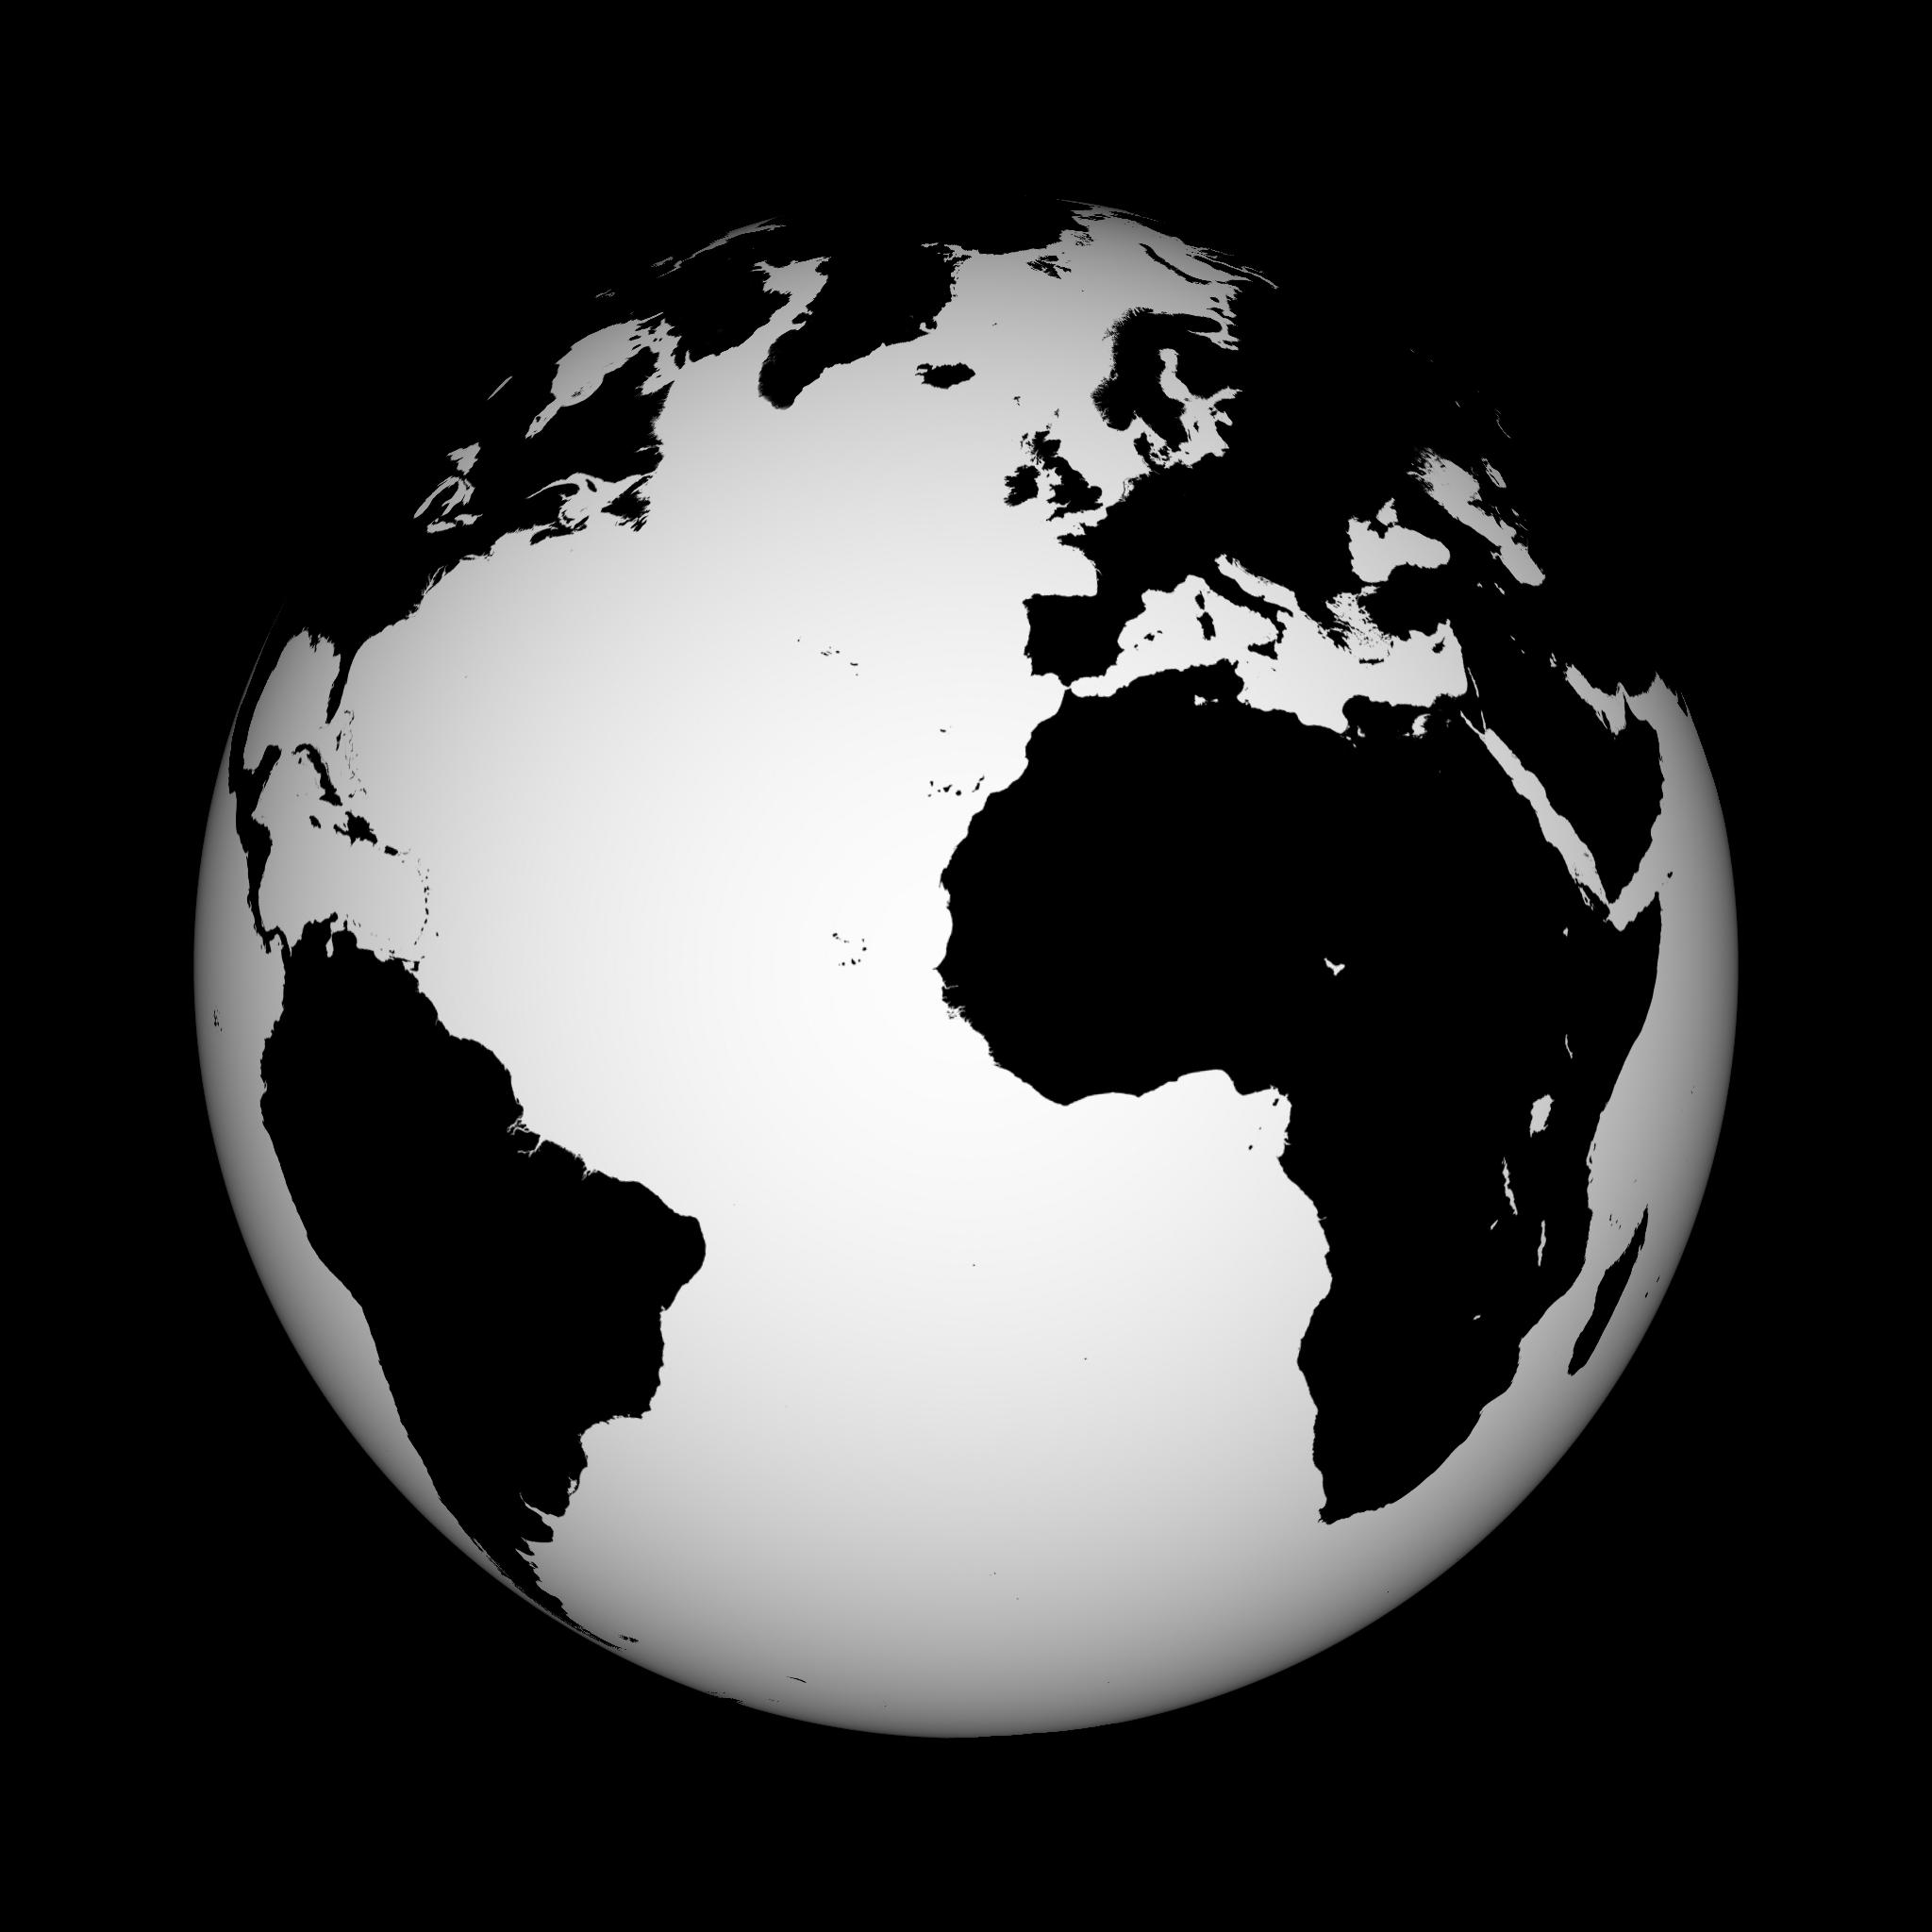 при картинка земли черно-белое отредактированные фотографий затерялись